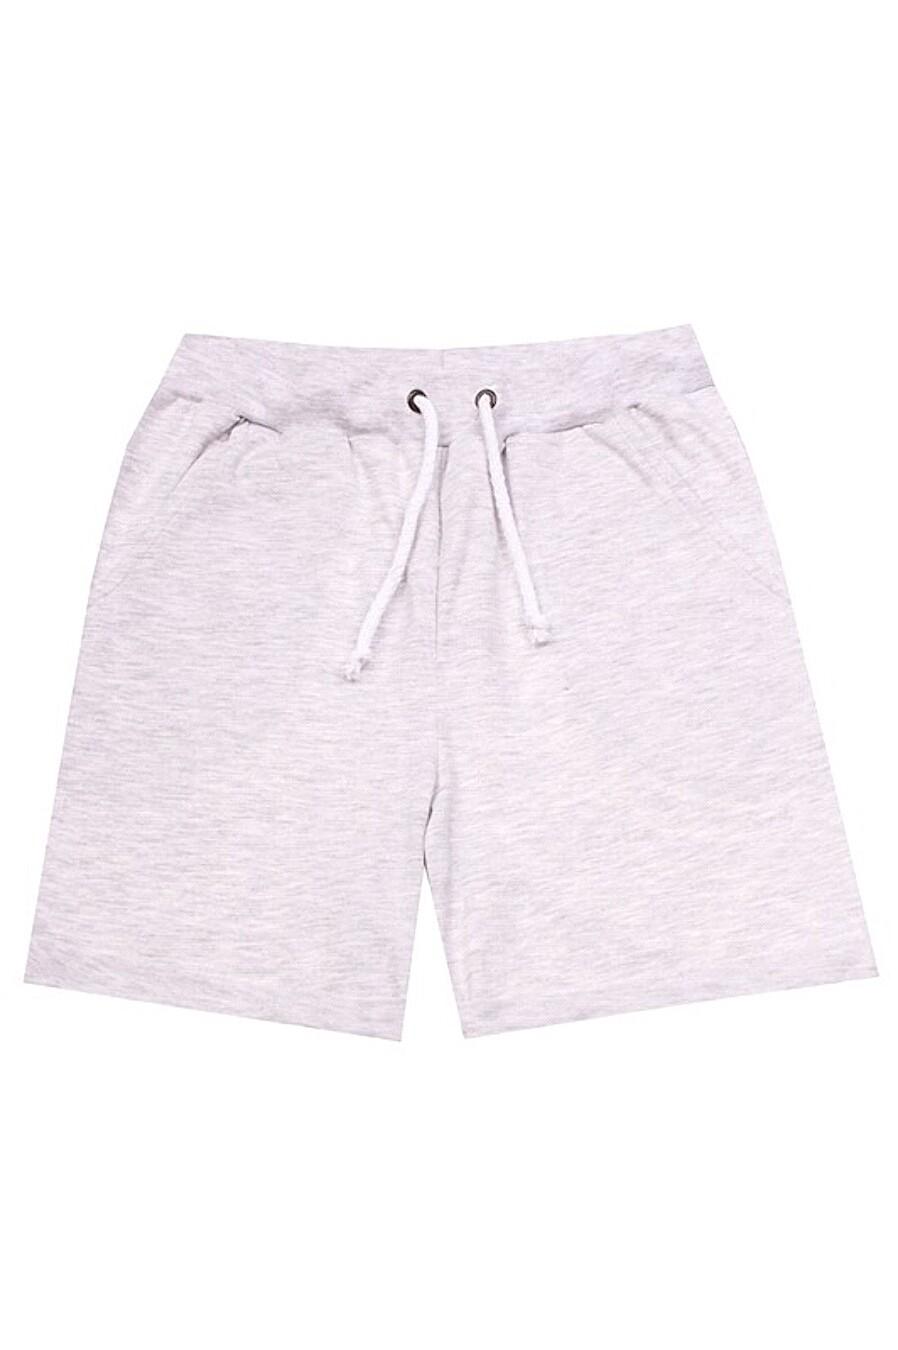 Шорты для мальчиков АПРЕЛЬ 700274 купить оптом от производителя. Совместная покупка детской одежды в OptMoyo